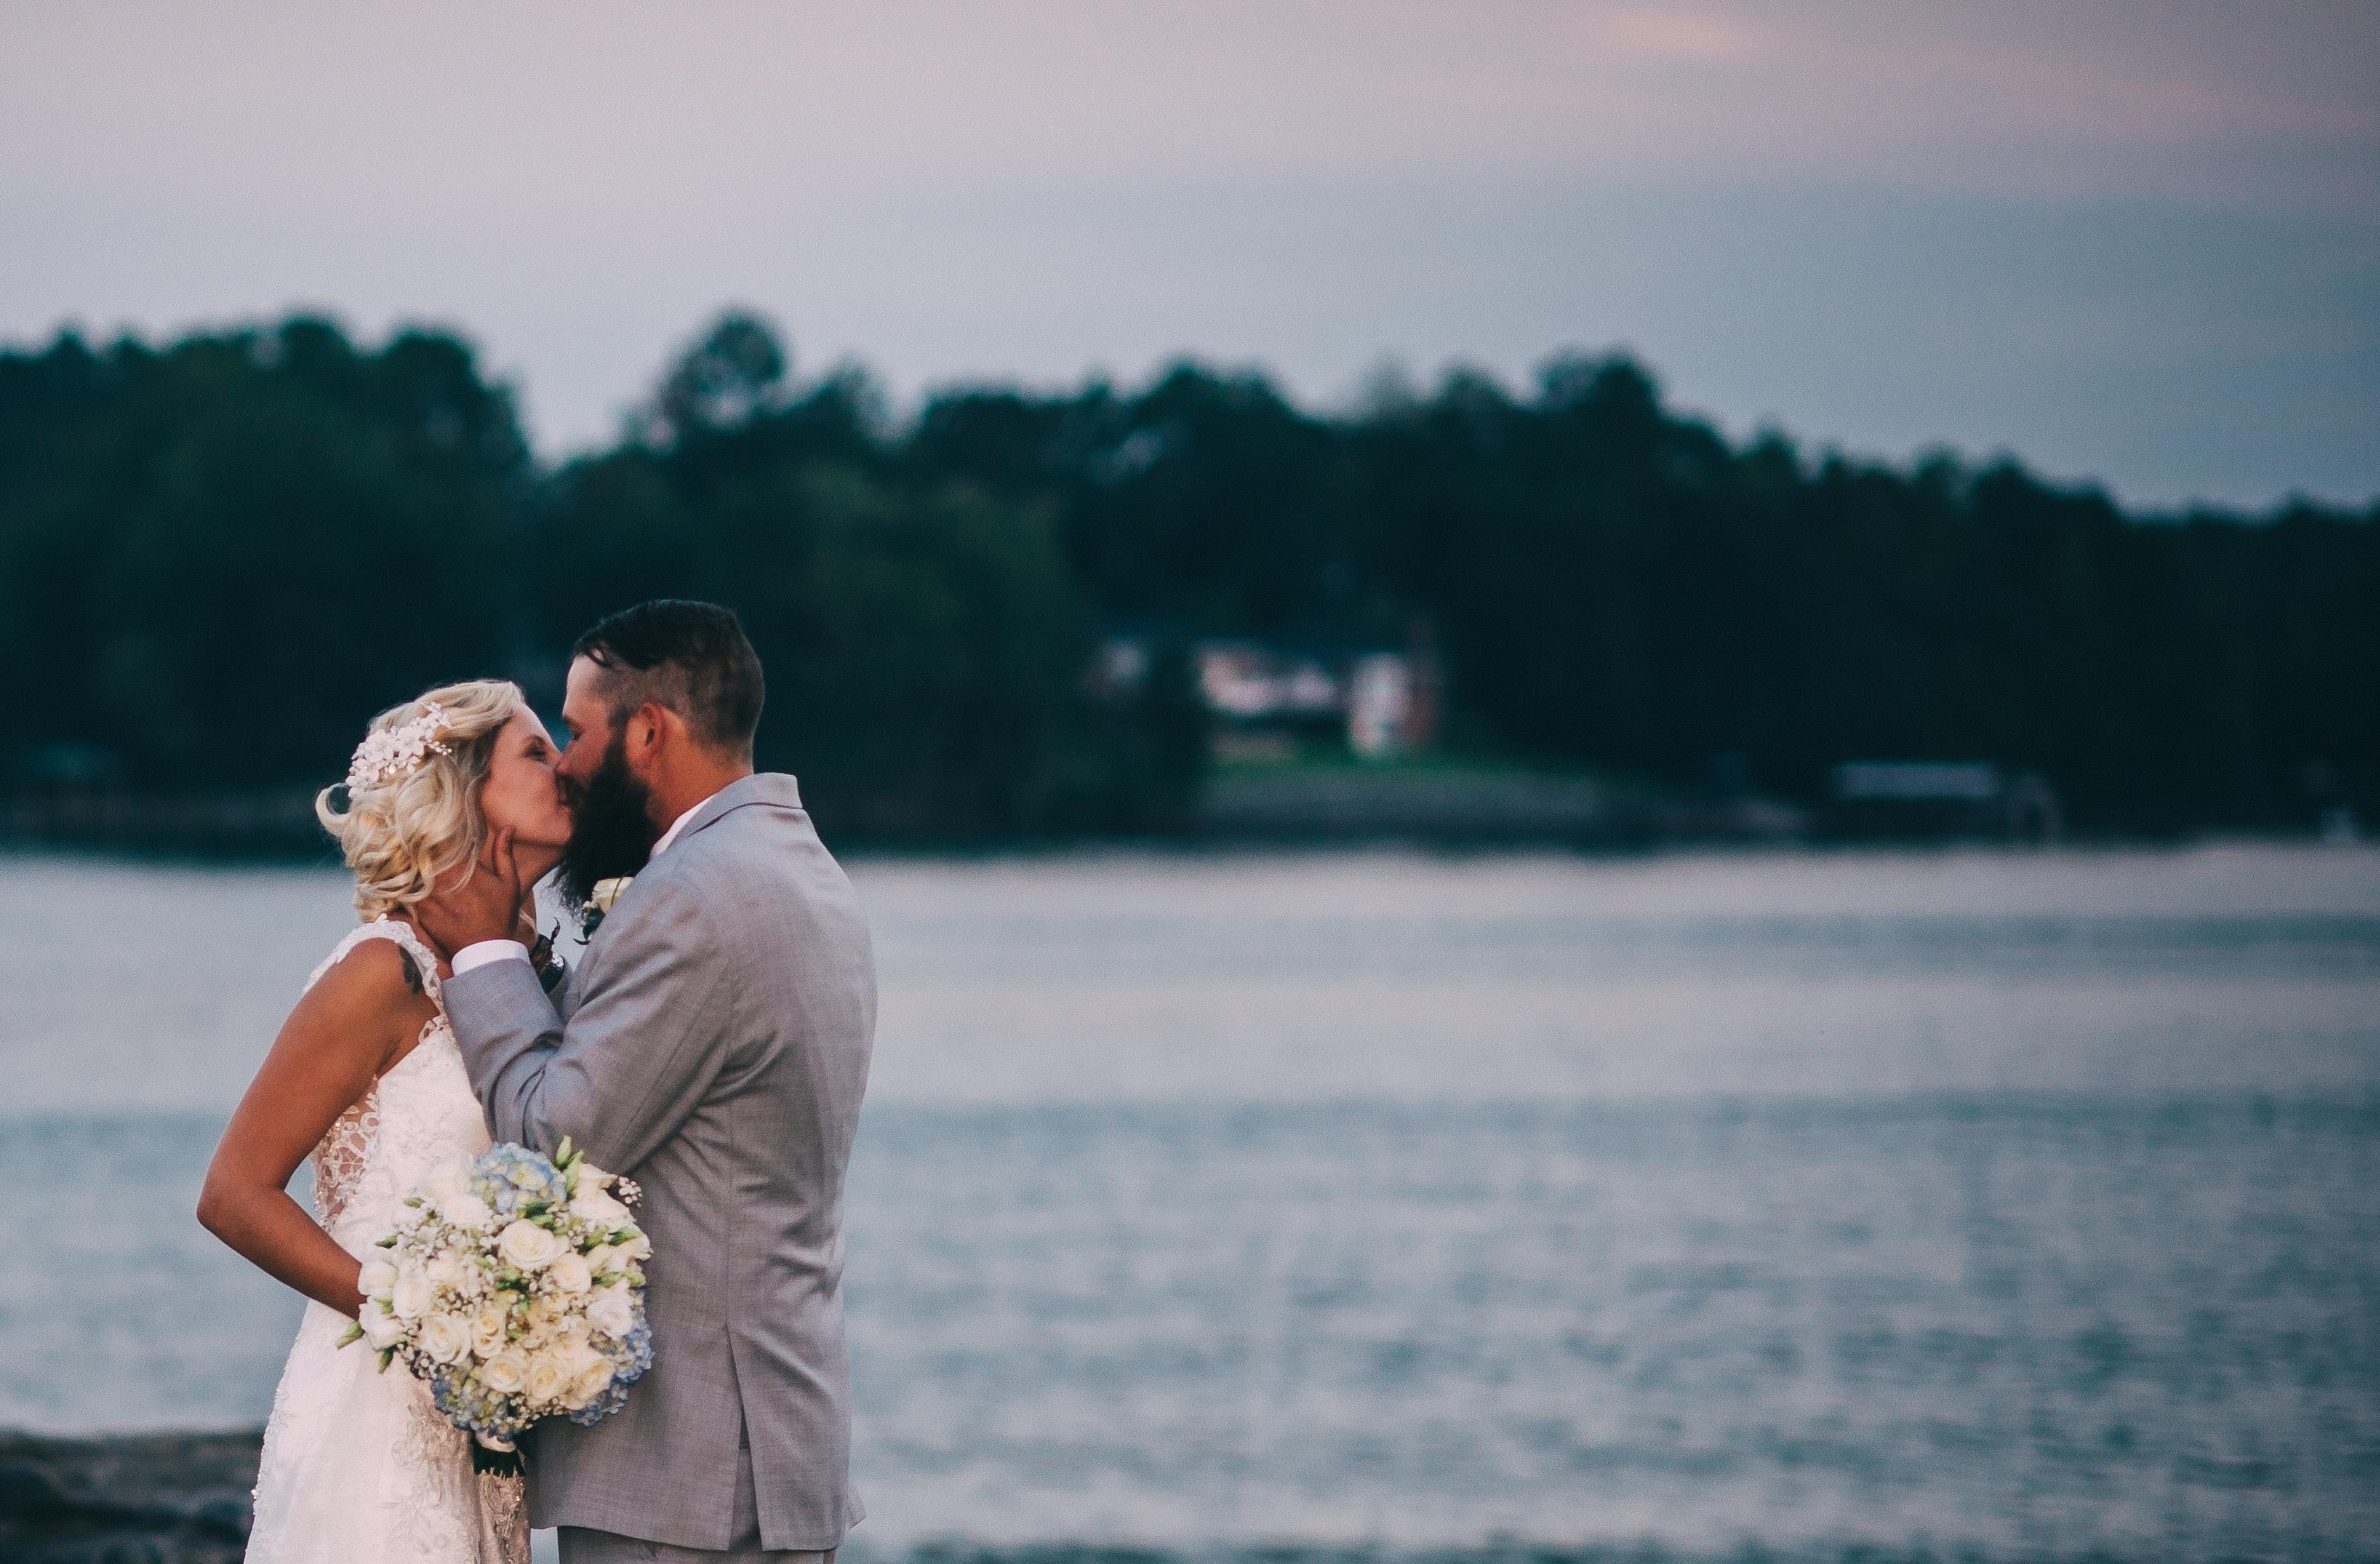 WEDDING PHOTOGRAPHERS ASHEVILLE, NC